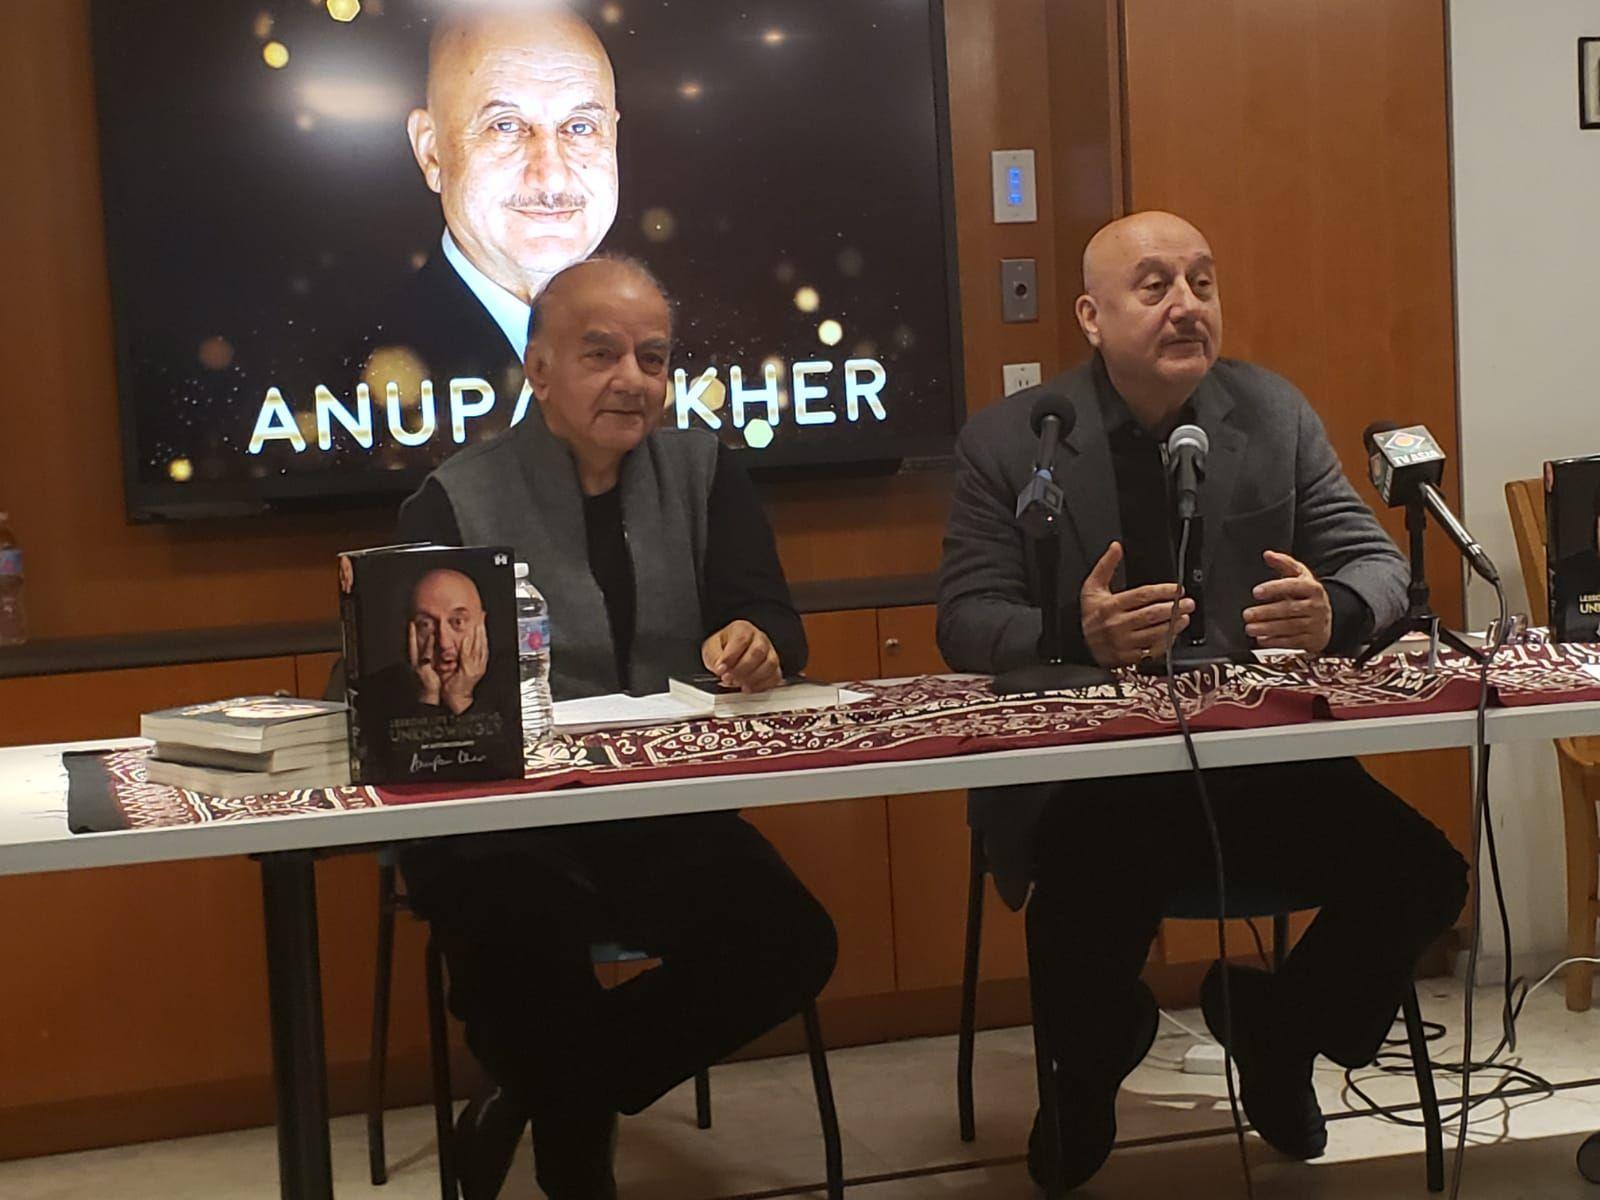 Nirmal Mattoo and Anupam Kher.